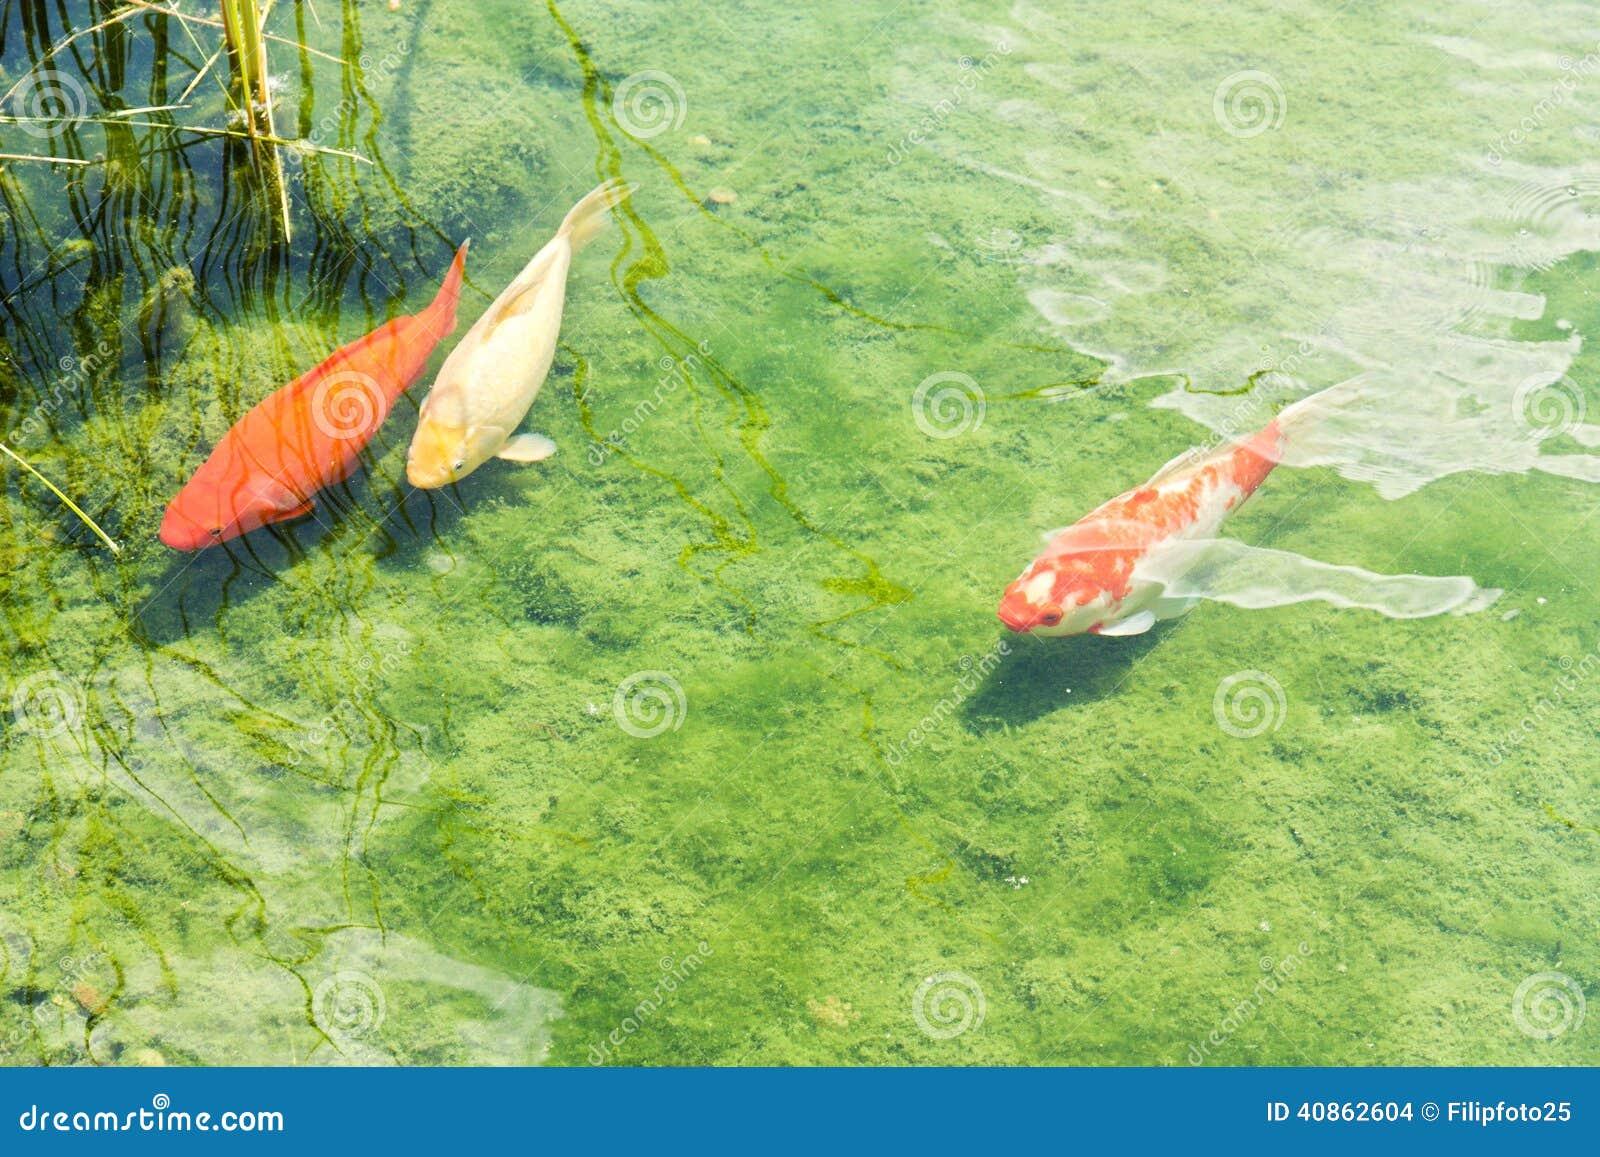 Three koi carp stock photo image 40862604 for Koi pond algae